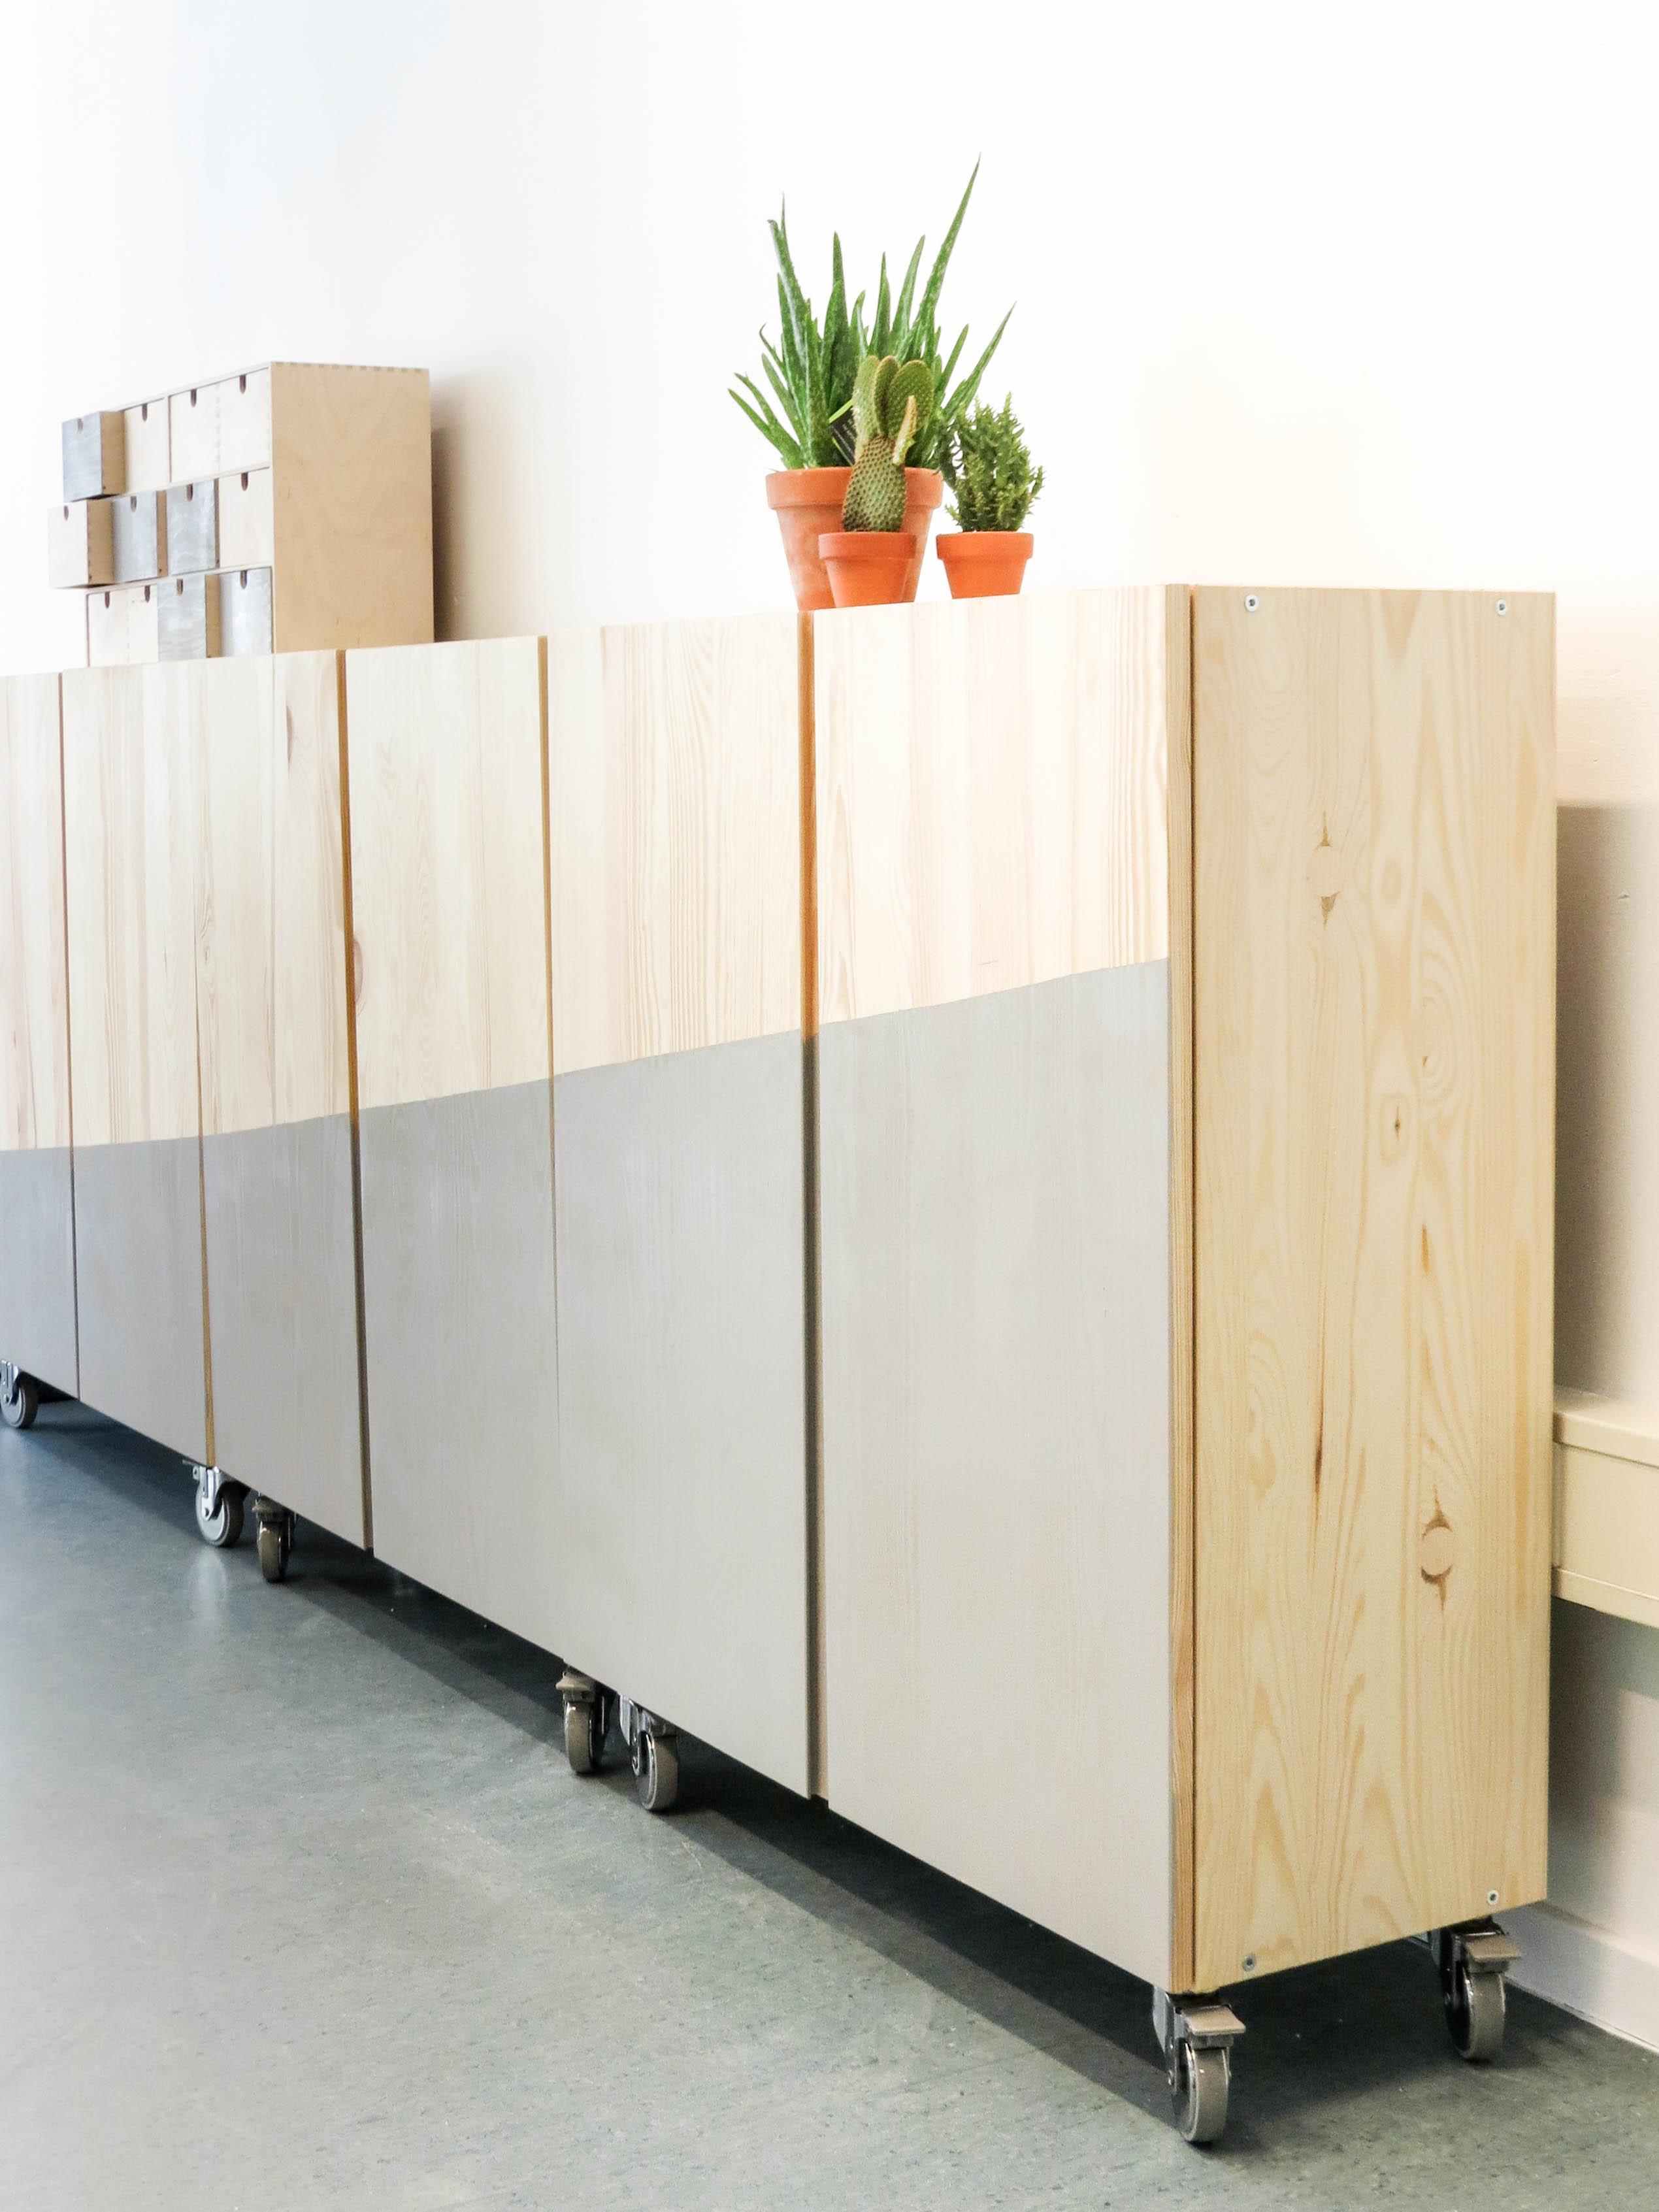 Keukenkast Prullenbak Ikea Informatie Over De Keuken